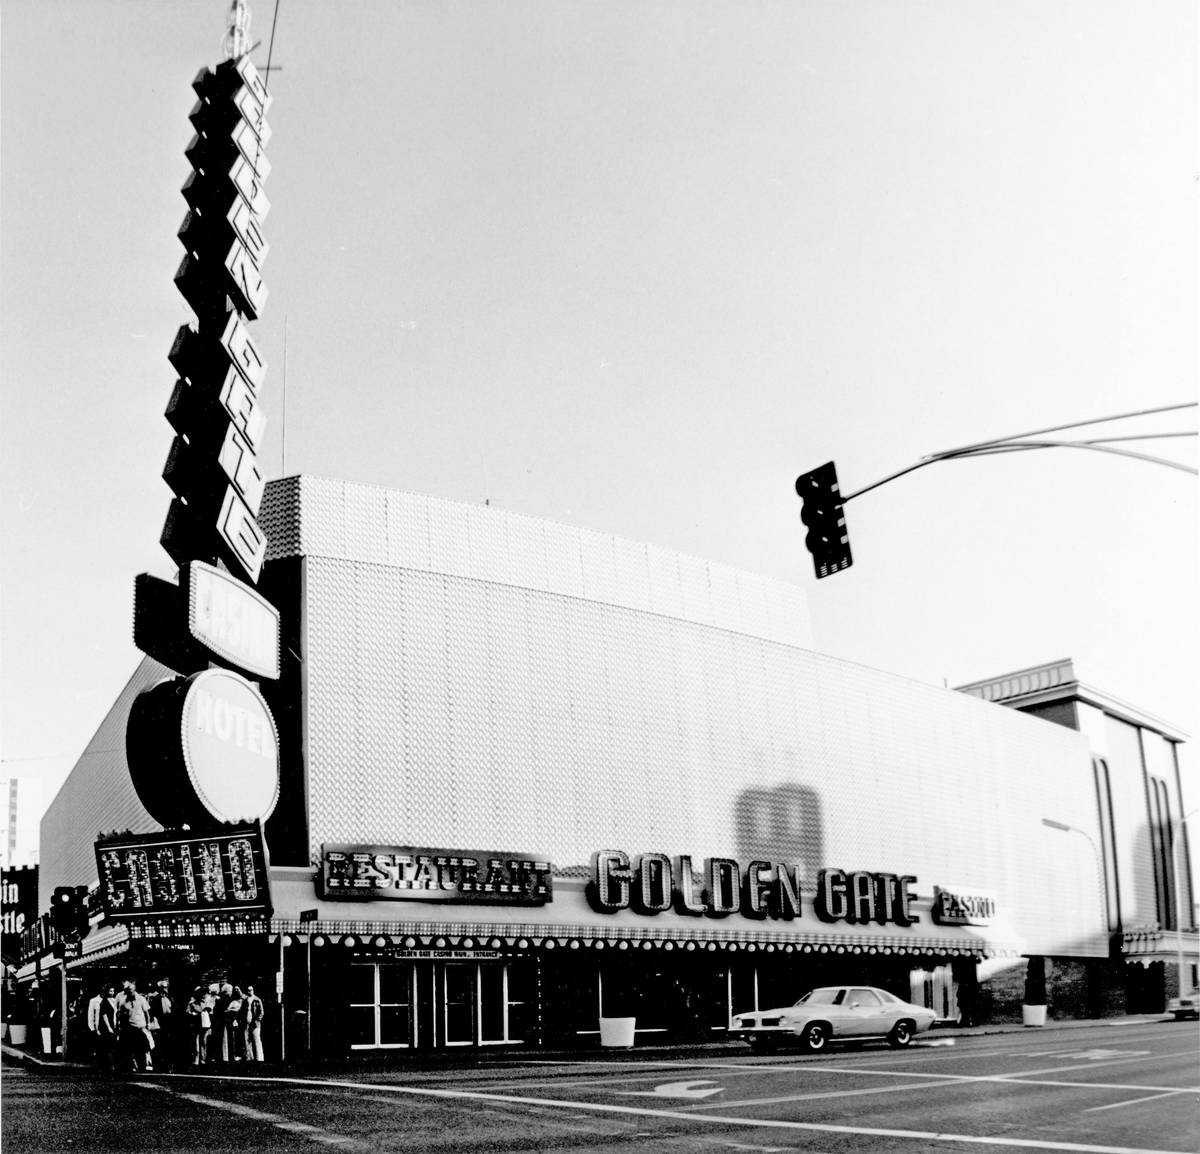 Golden Gate Hotel & Casino in 1970s. (Golden Gate Hotel & Casino)